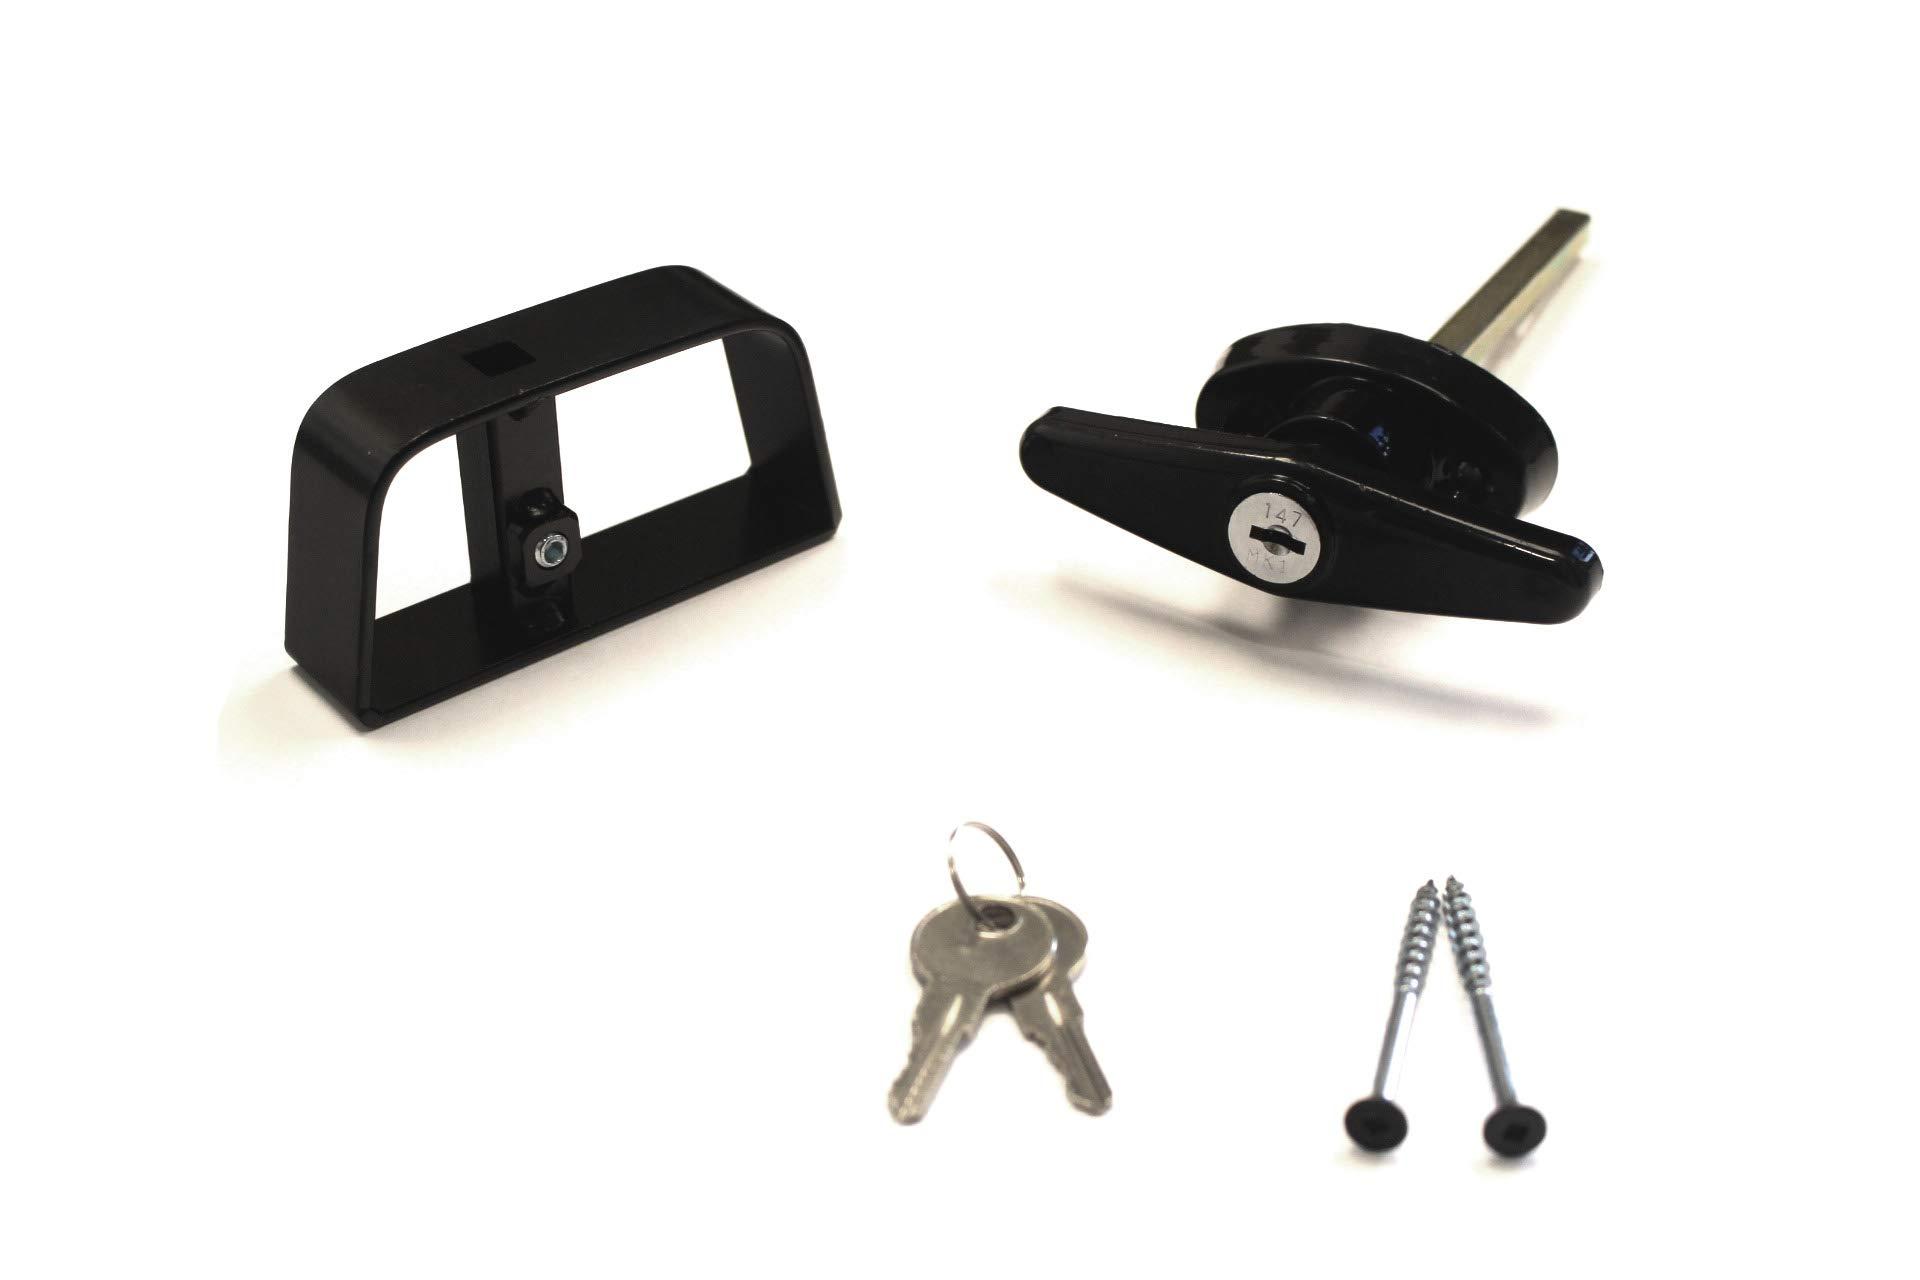 Doors & Door Hardware 6'' Black T Handle Door Lock Set - shed, gate, playhouse, coops Free, Fast Ship!